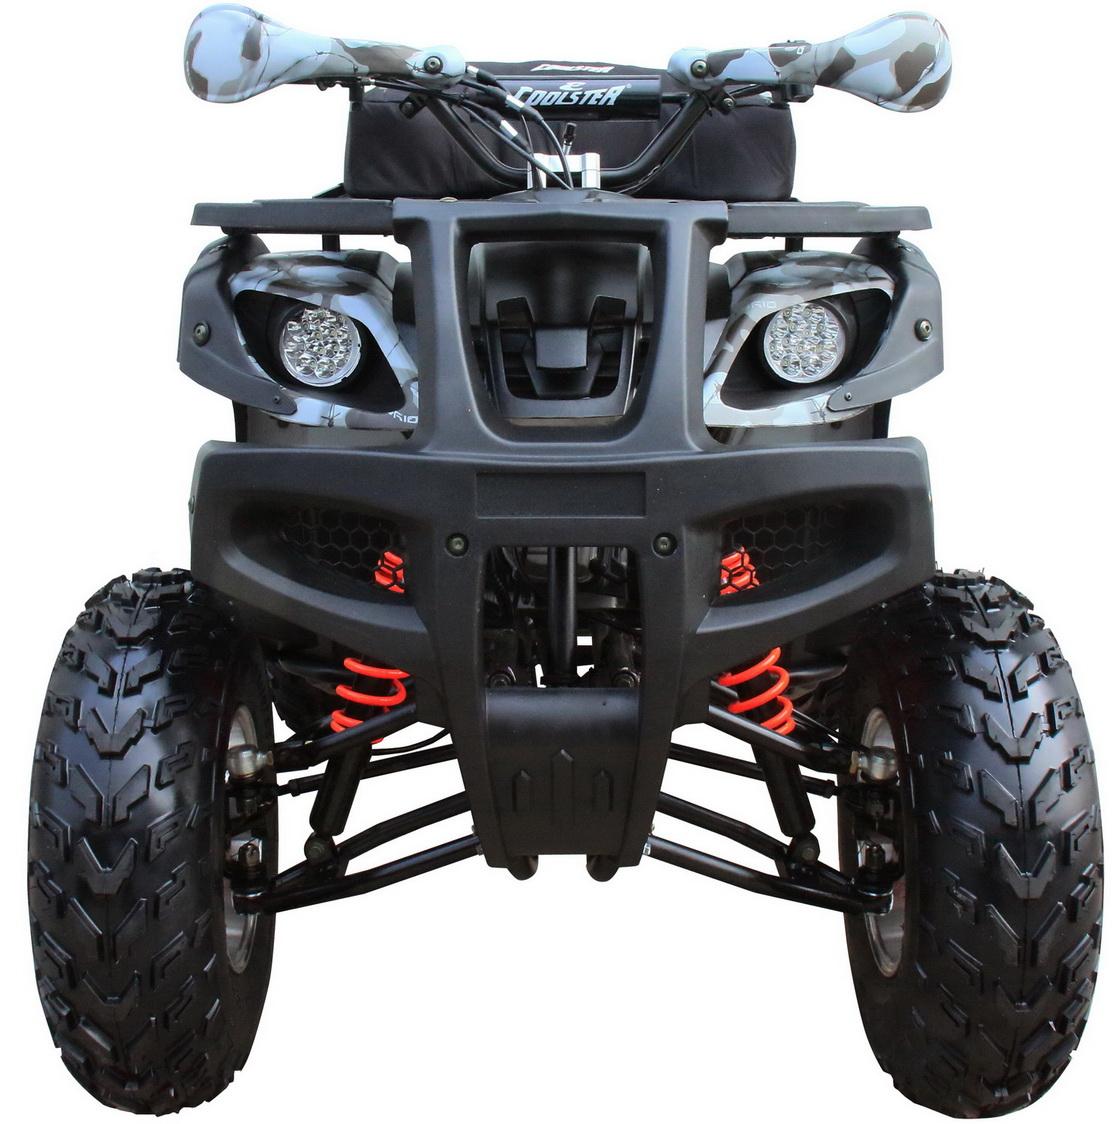 150 ATV Utility 3150DX4 010